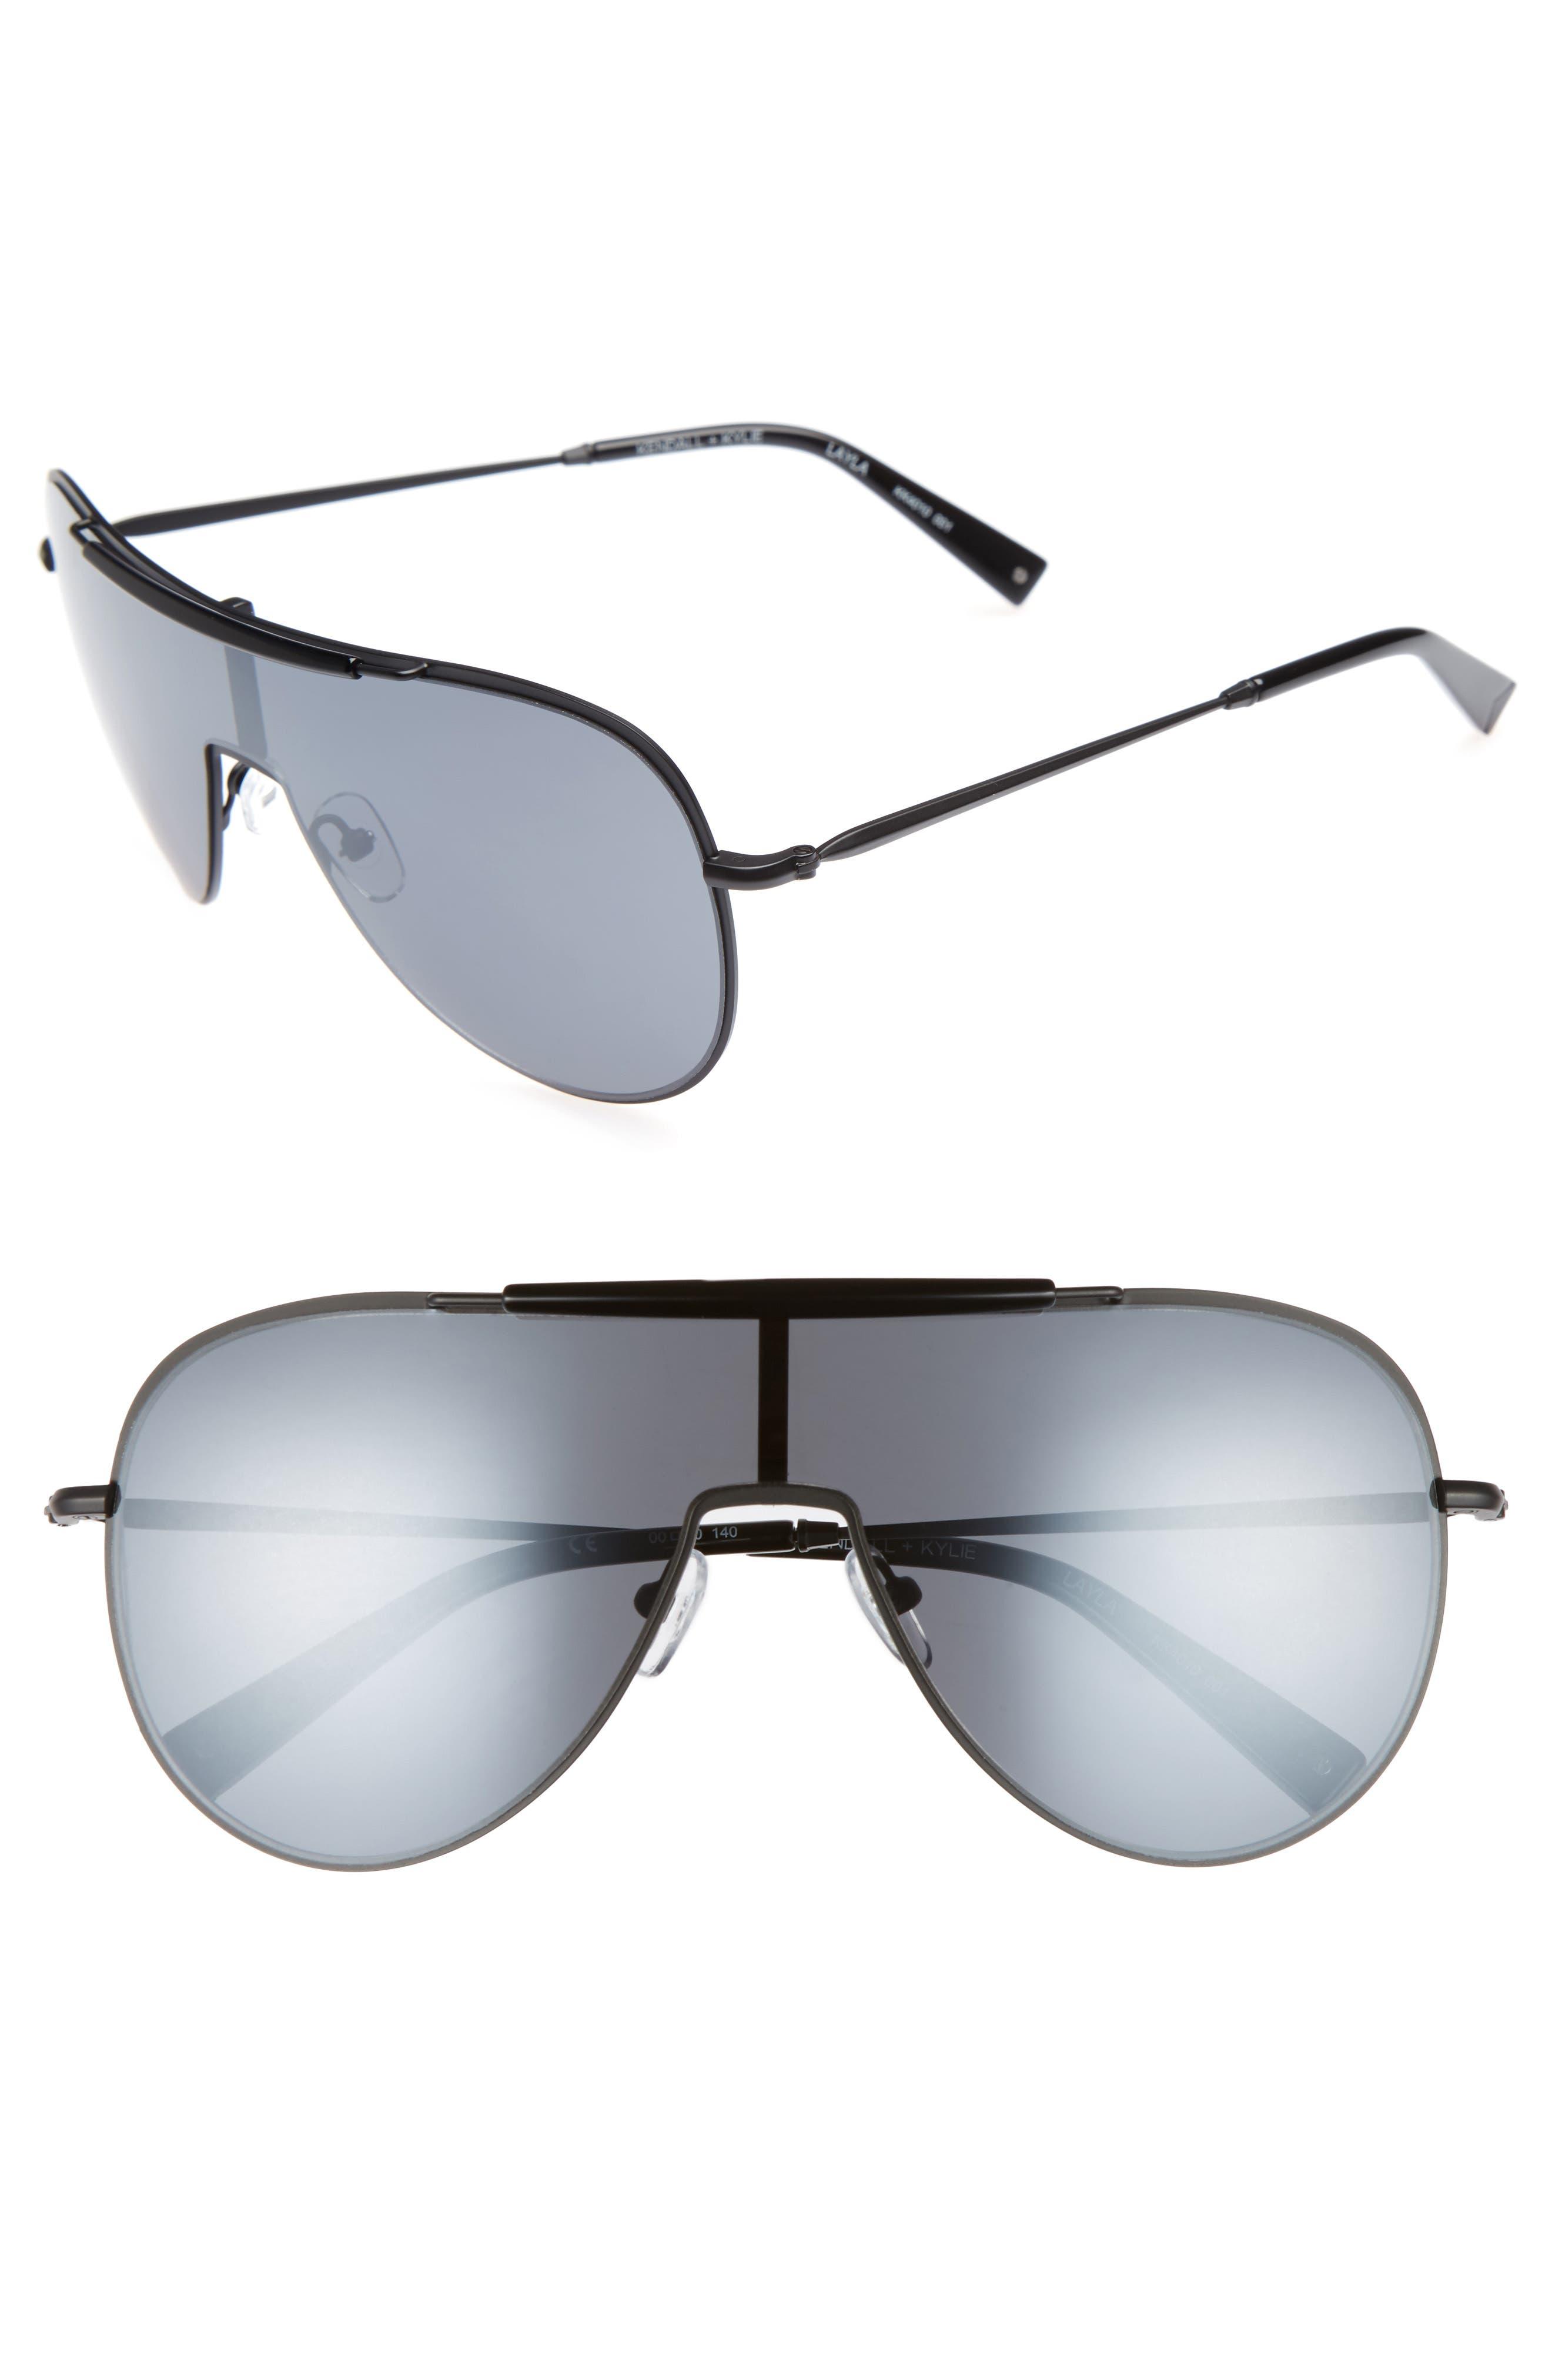 Shield Aviator Sunglasses,                             Main thumbnail 1, color,                             Black/ Black